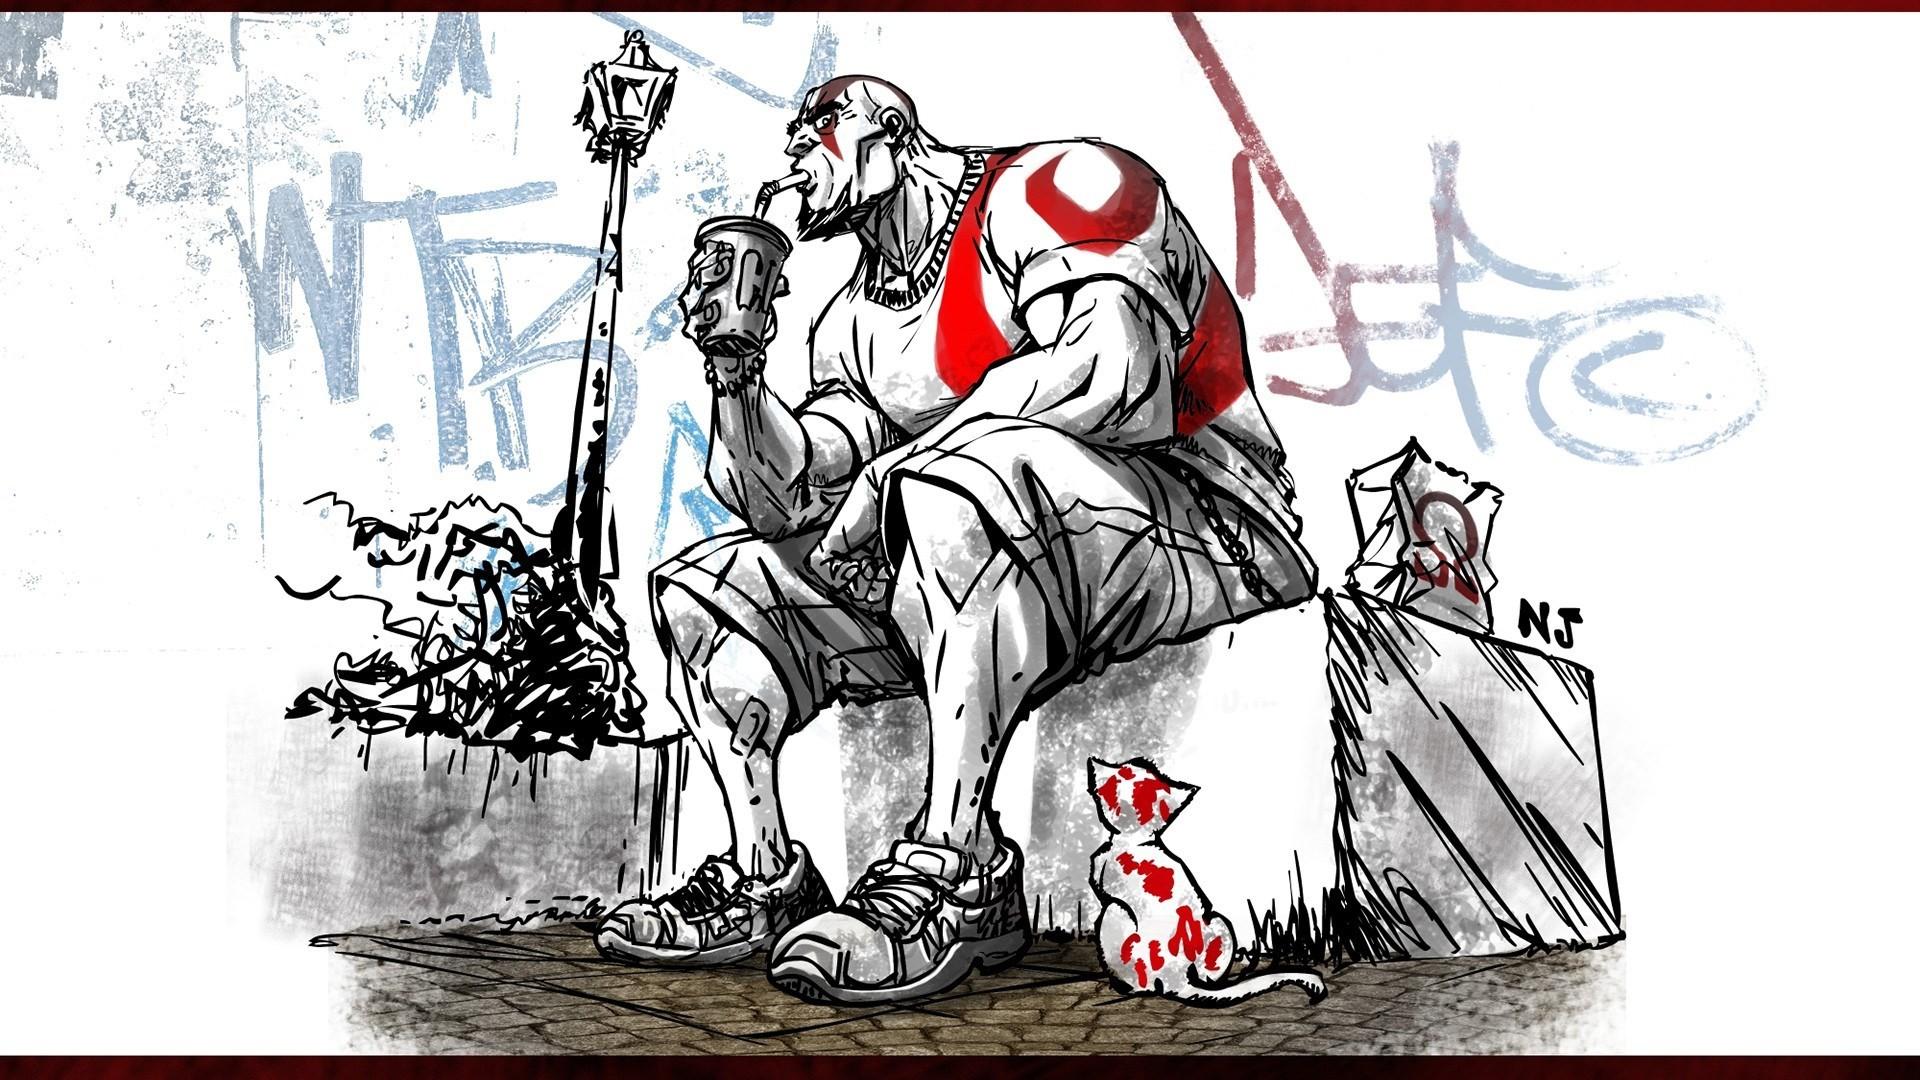 Gangster wallpaper hd 69 images - Wallpaper gangster hd ...